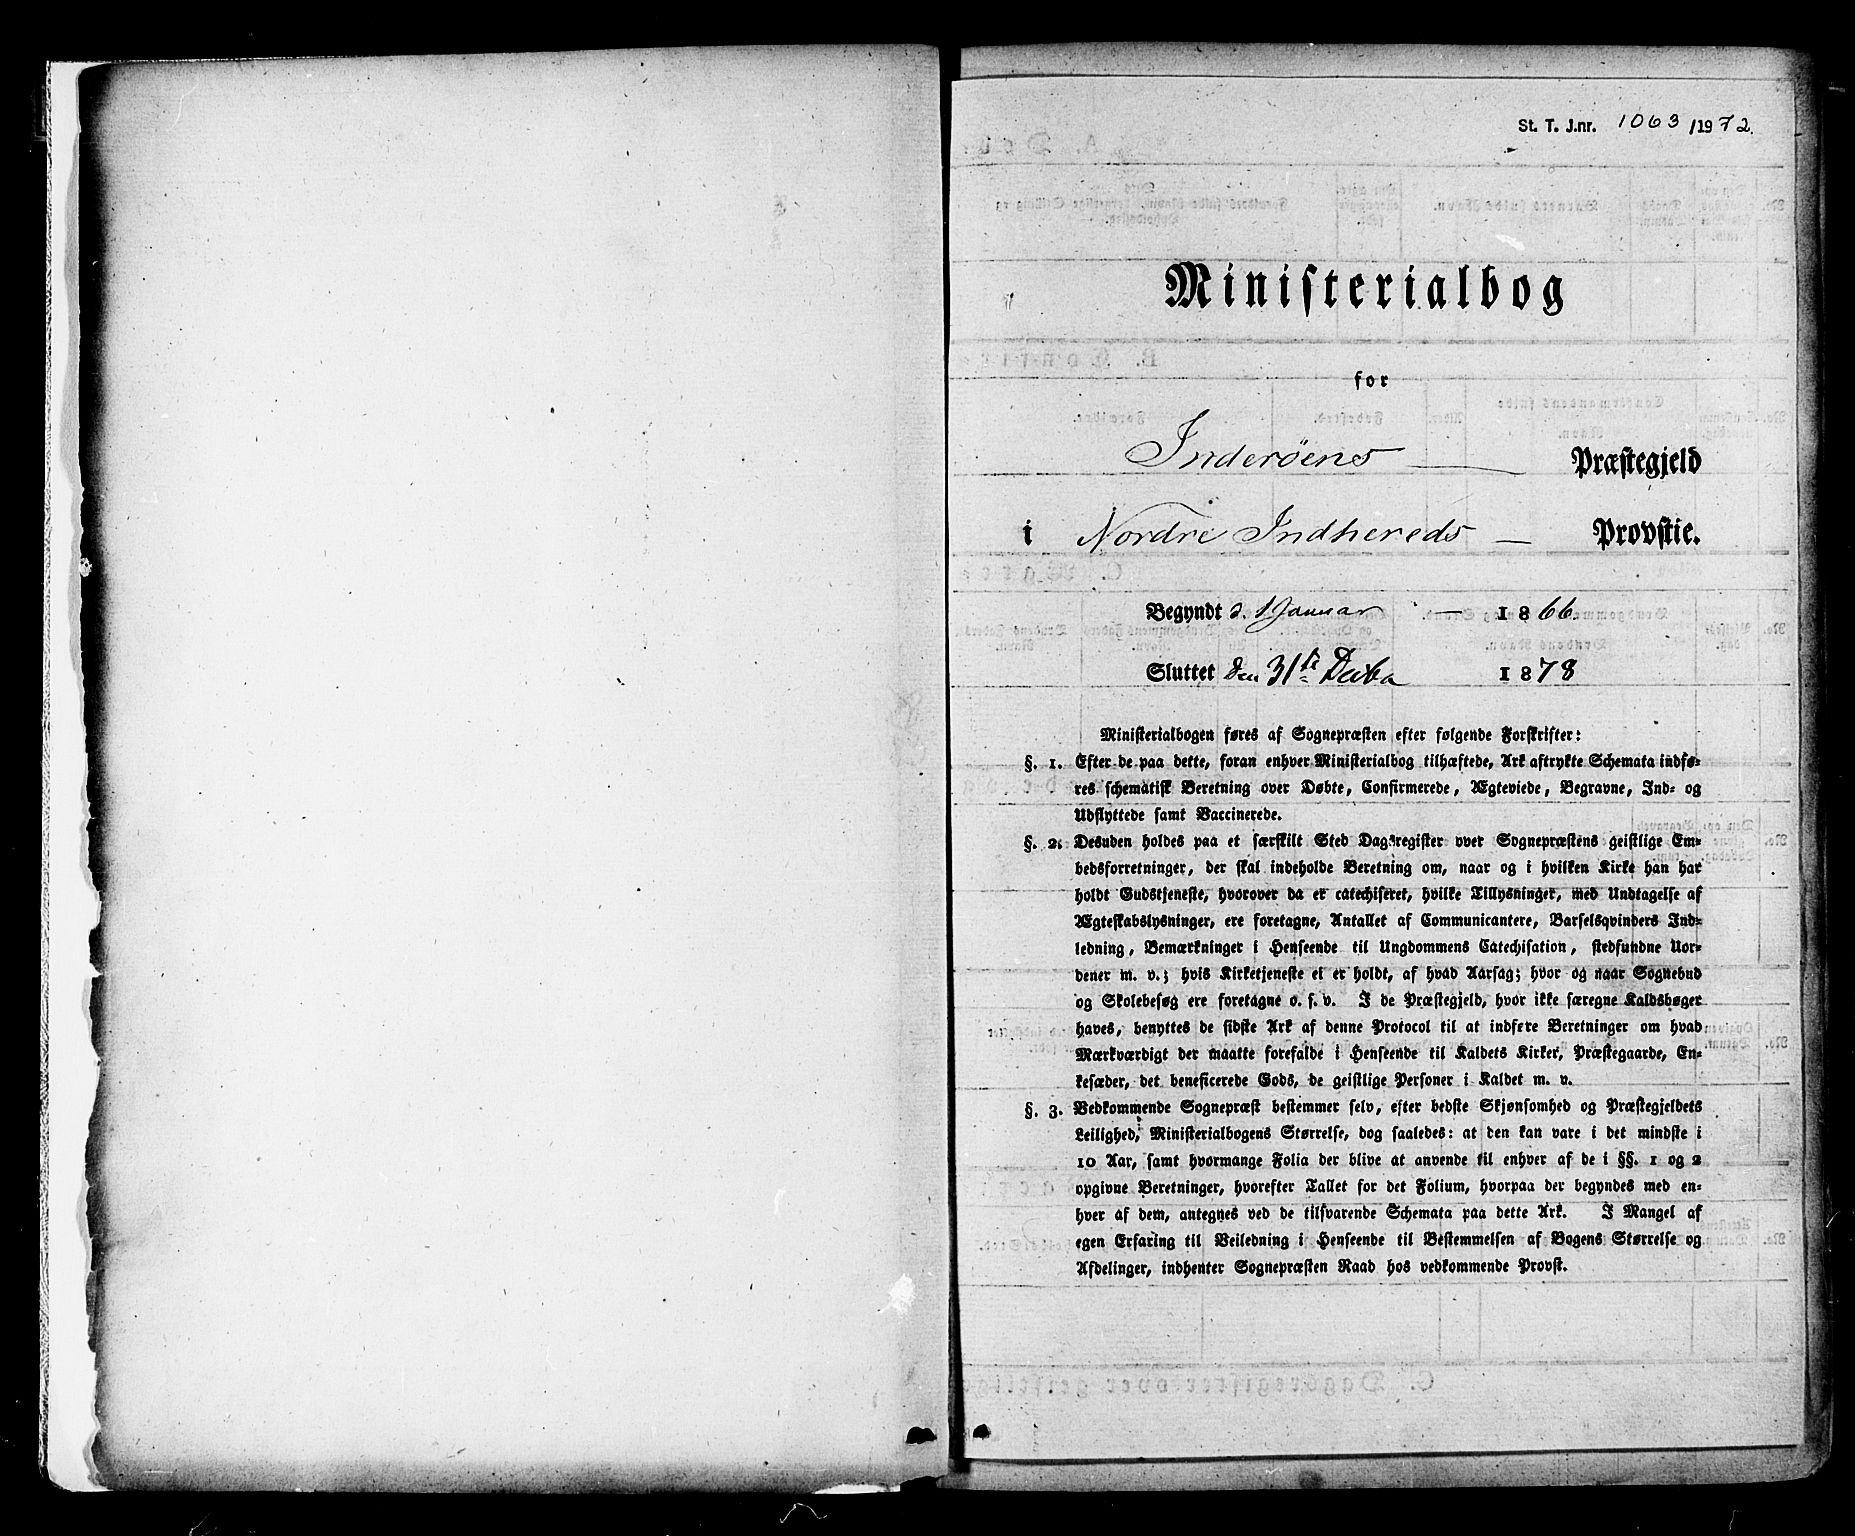 SAT, Ministerialprotokoller, klokkerbøker og fødselsregistre - Nord-Trøndelag, 730/L0284: Ministerialbok nr. 730A09, 1866-1878